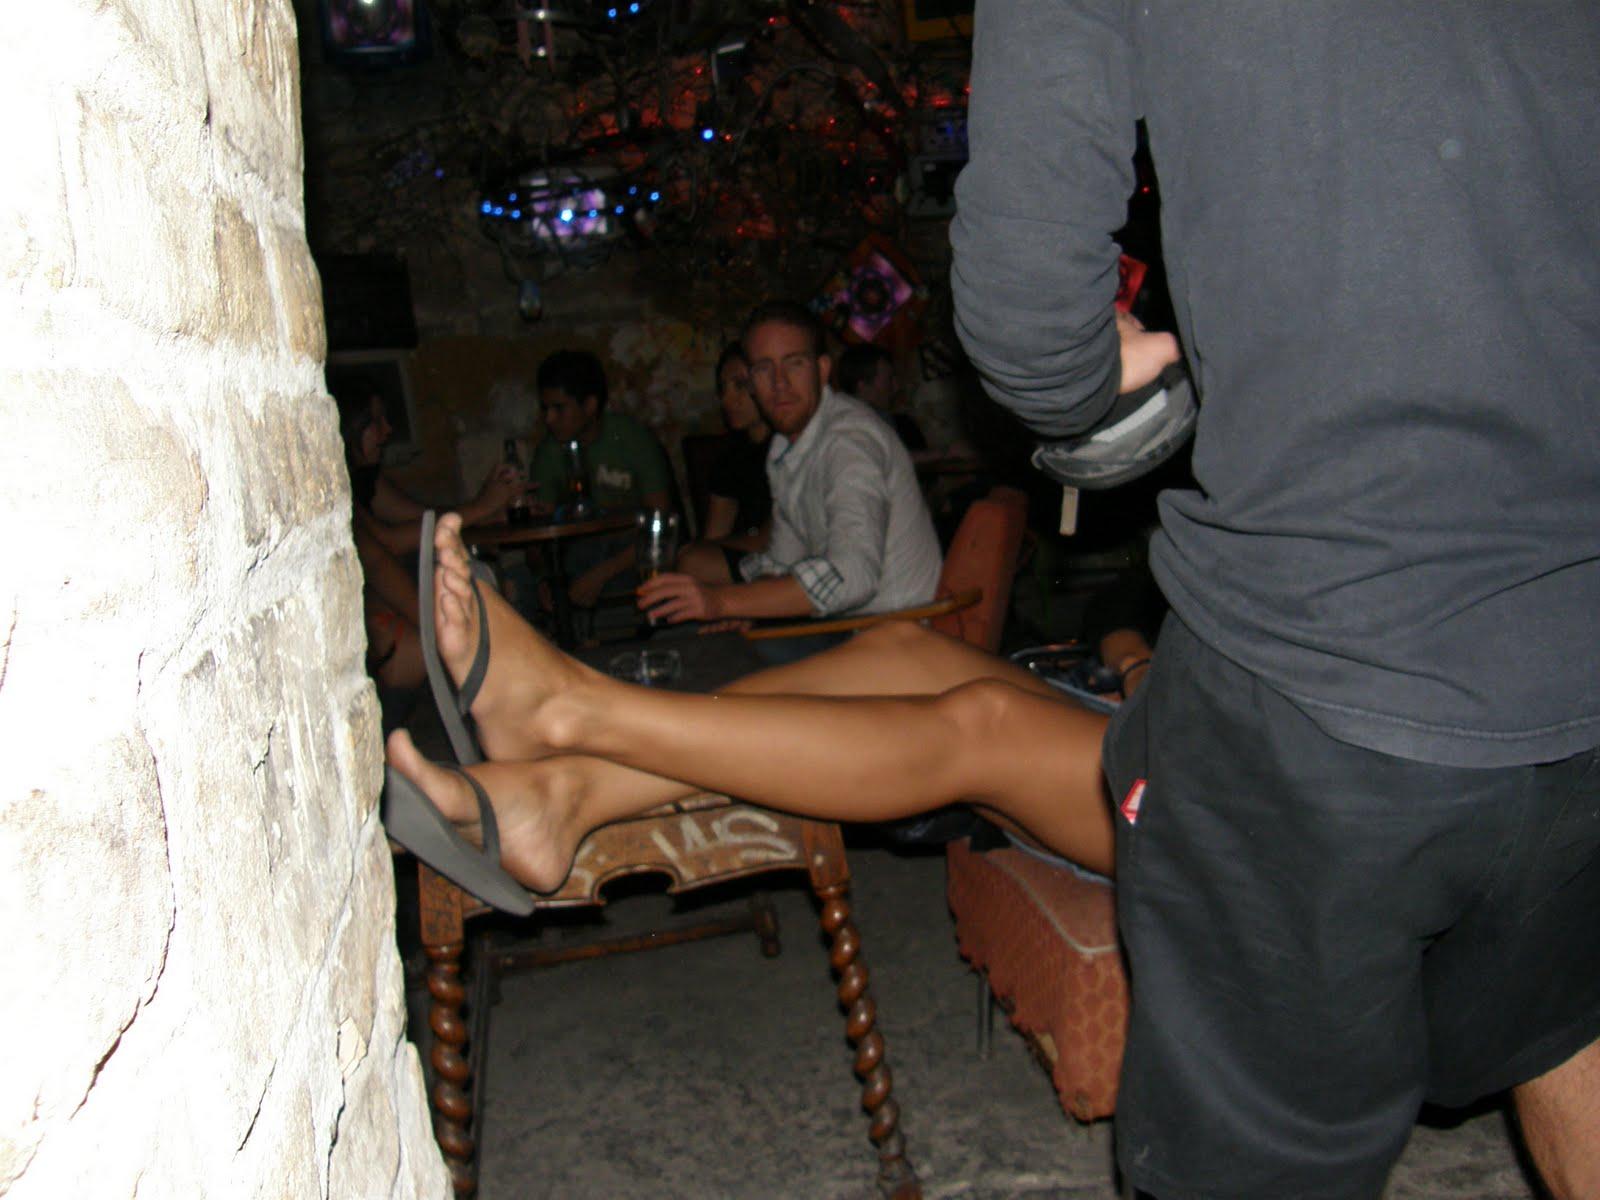 blog,  VII. kerület, Kazinczy utca, kocsma, romkocsma, Budapest, Magyarország, Hungary, éjszakai élet, zsidónegyed